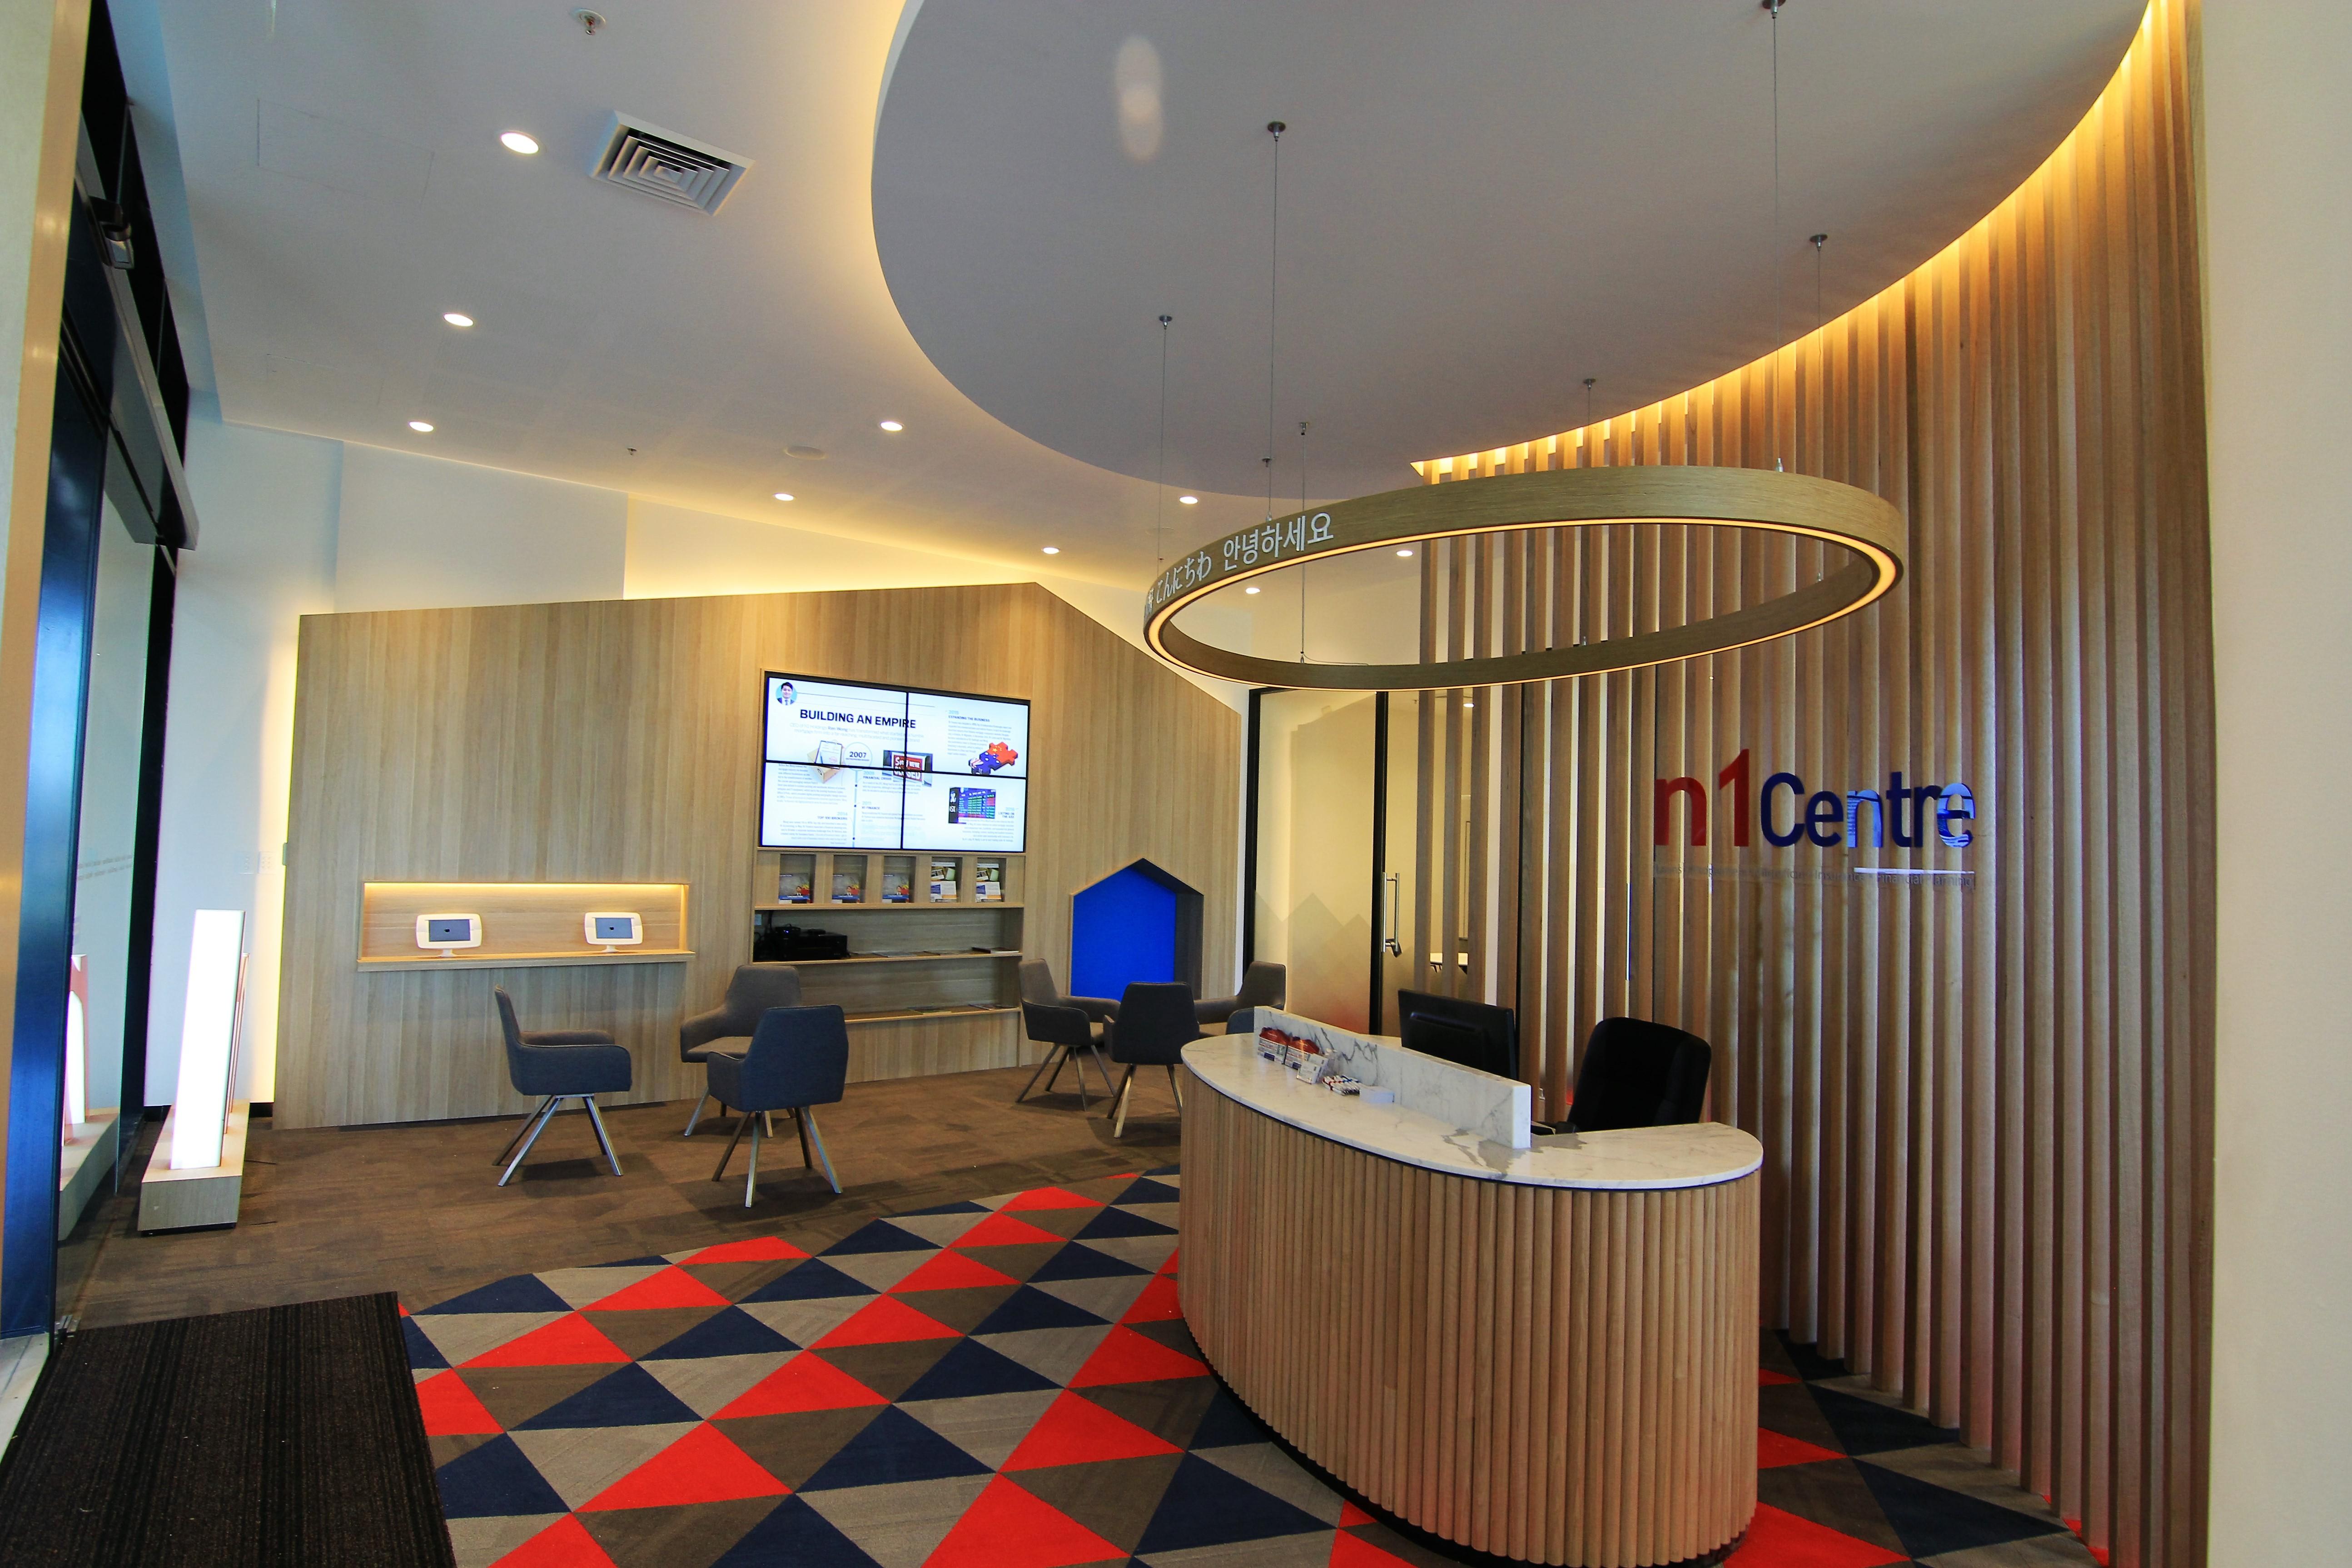 N1 Center